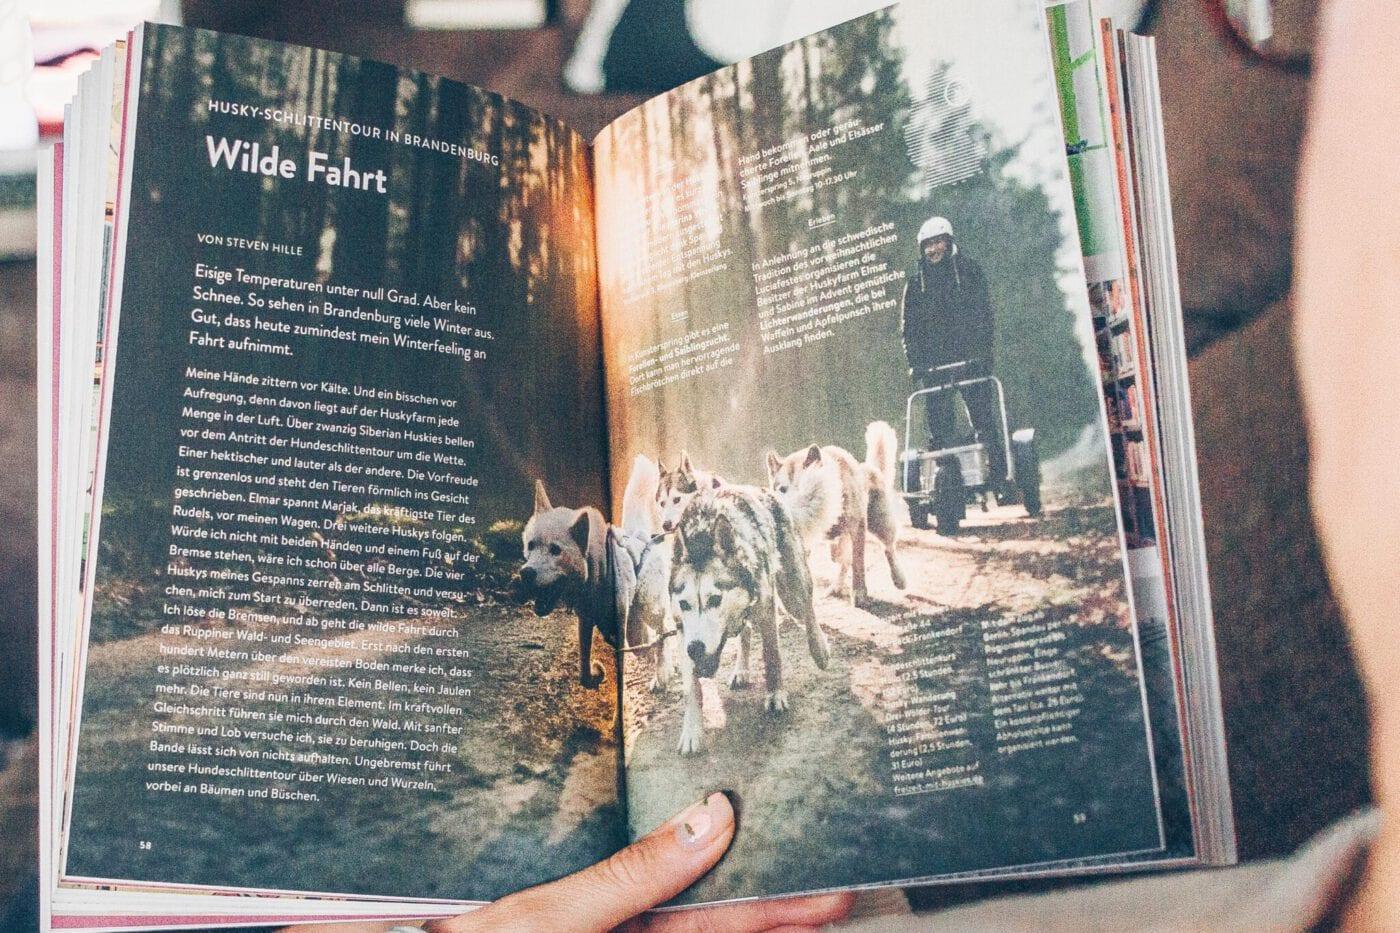 Reisedepeschen Verlag: Reisebücher, die Fernweh machen